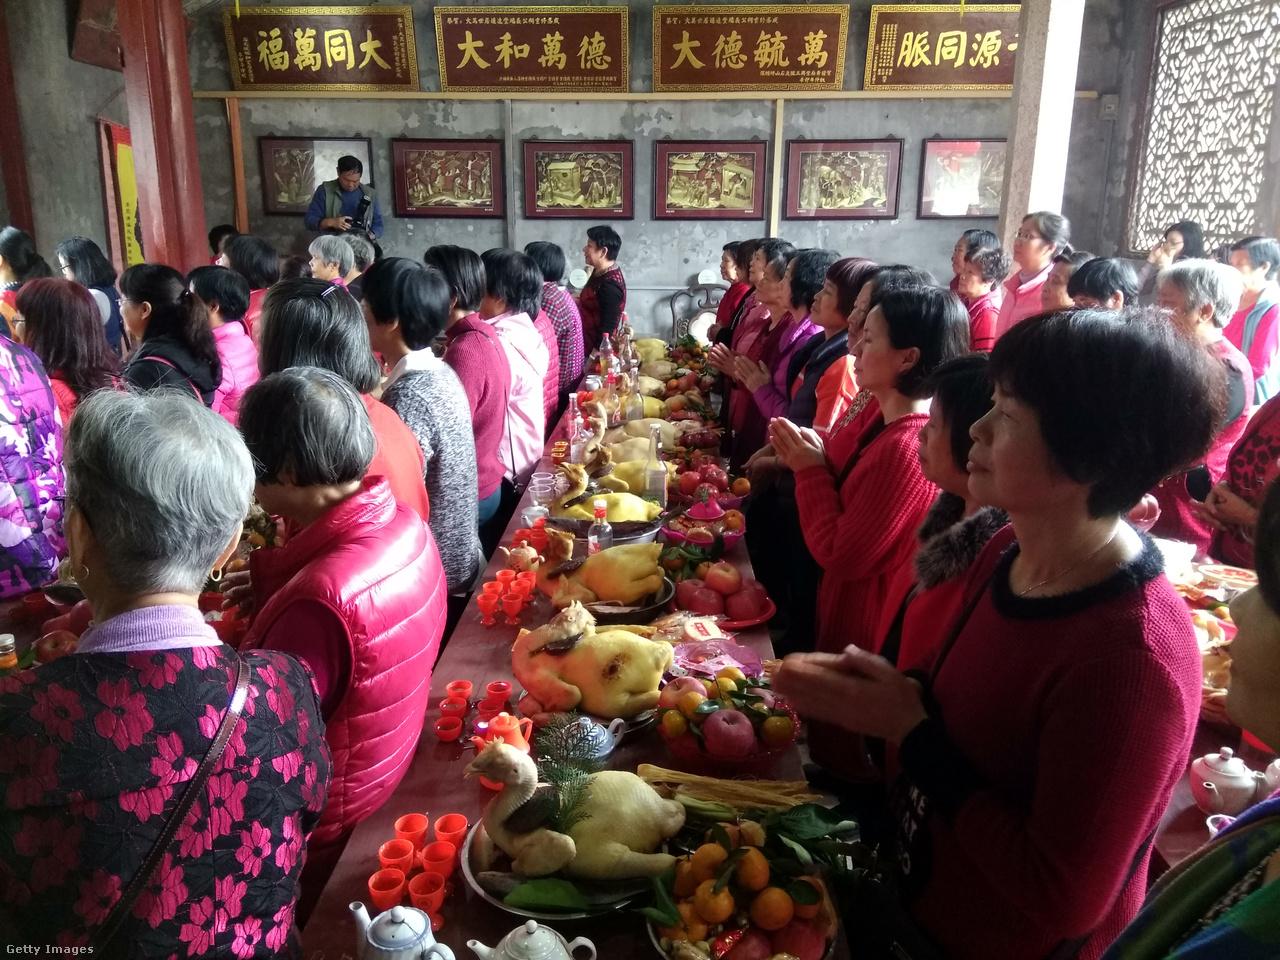 Papírból vannak az égetésre készített, sokszor egészen elképesztően kifinomult áldozati tárgyak is, amiket az ősök tiszteletére áldoznak fel a templomokban - legalábbis a vallásos áldozatot tiltó Kínán kívül egész Kelet-Ázsiában. Ilyenkor friss ételt, mandarint is tesznek a házi oltárokra vagy a nagyobb templomokba és füstölőt gyújtanak, hogy a felmenőikkel békében kezdődjön az új tavasz.